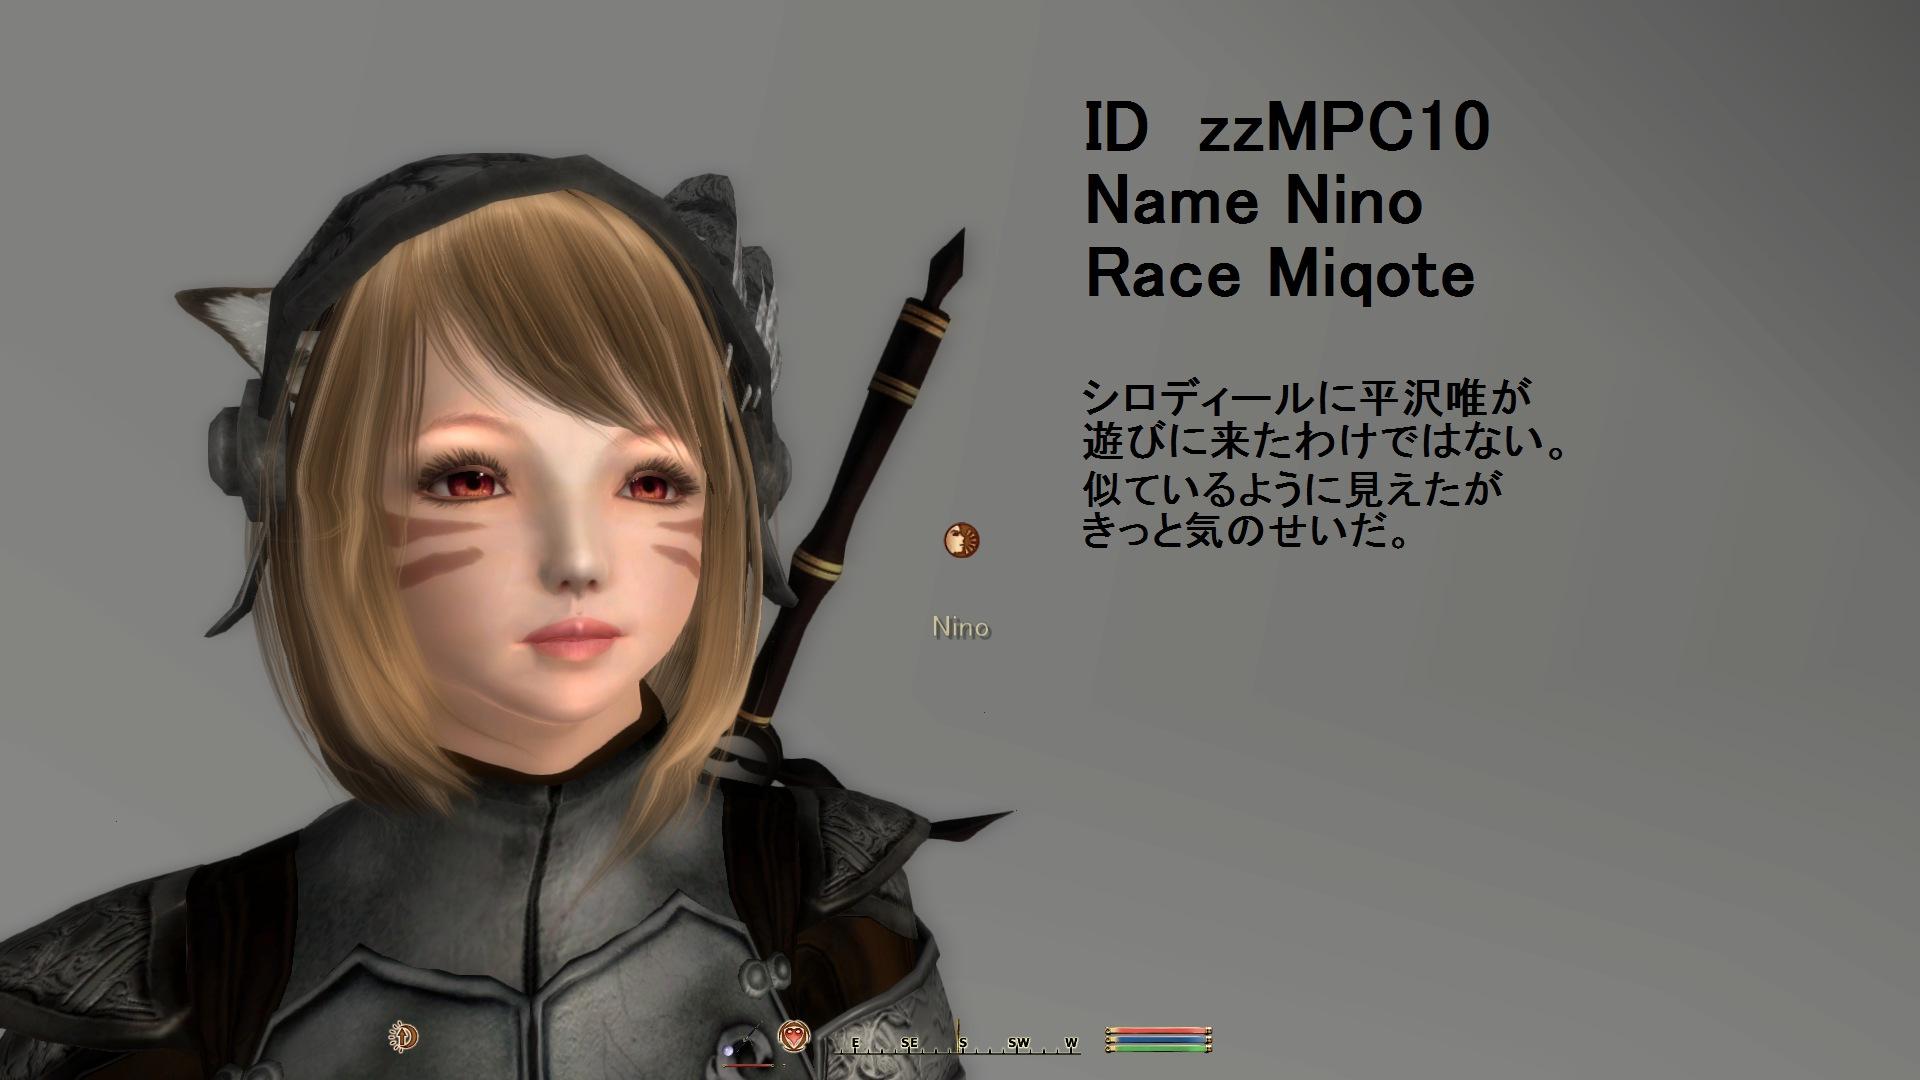 zzMPC10.jpg